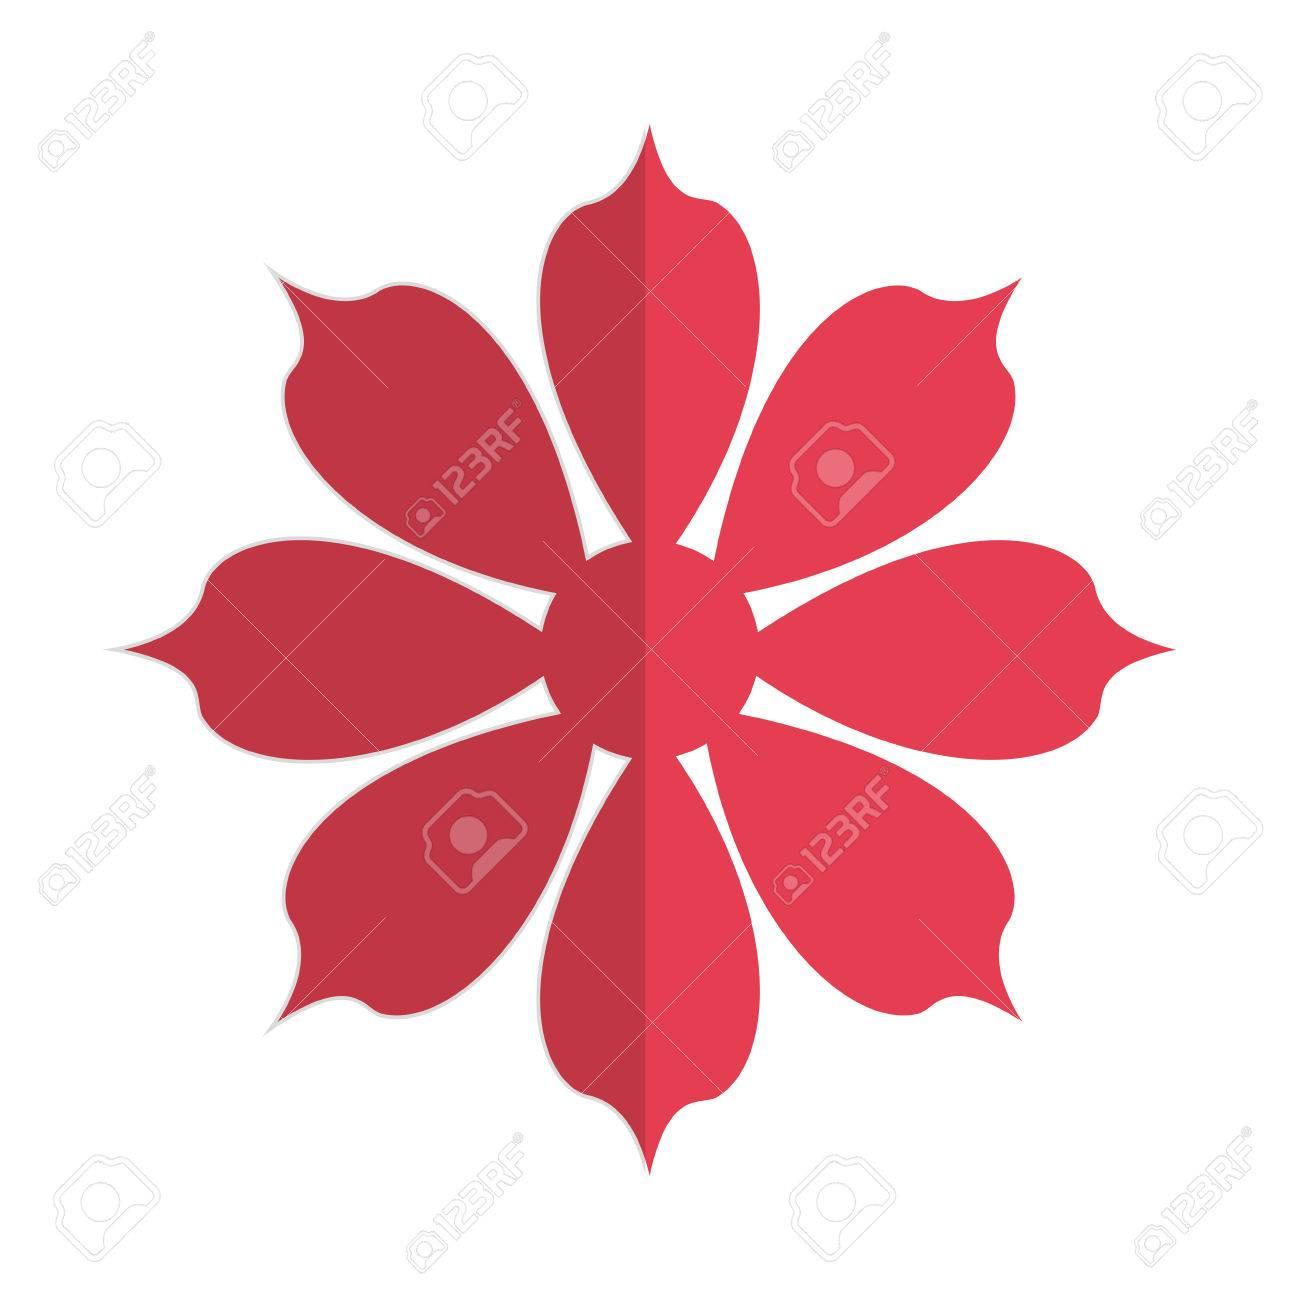 Diseño Plano Rojo Ilustración De Ocho Pétalos De Flores Del Vector